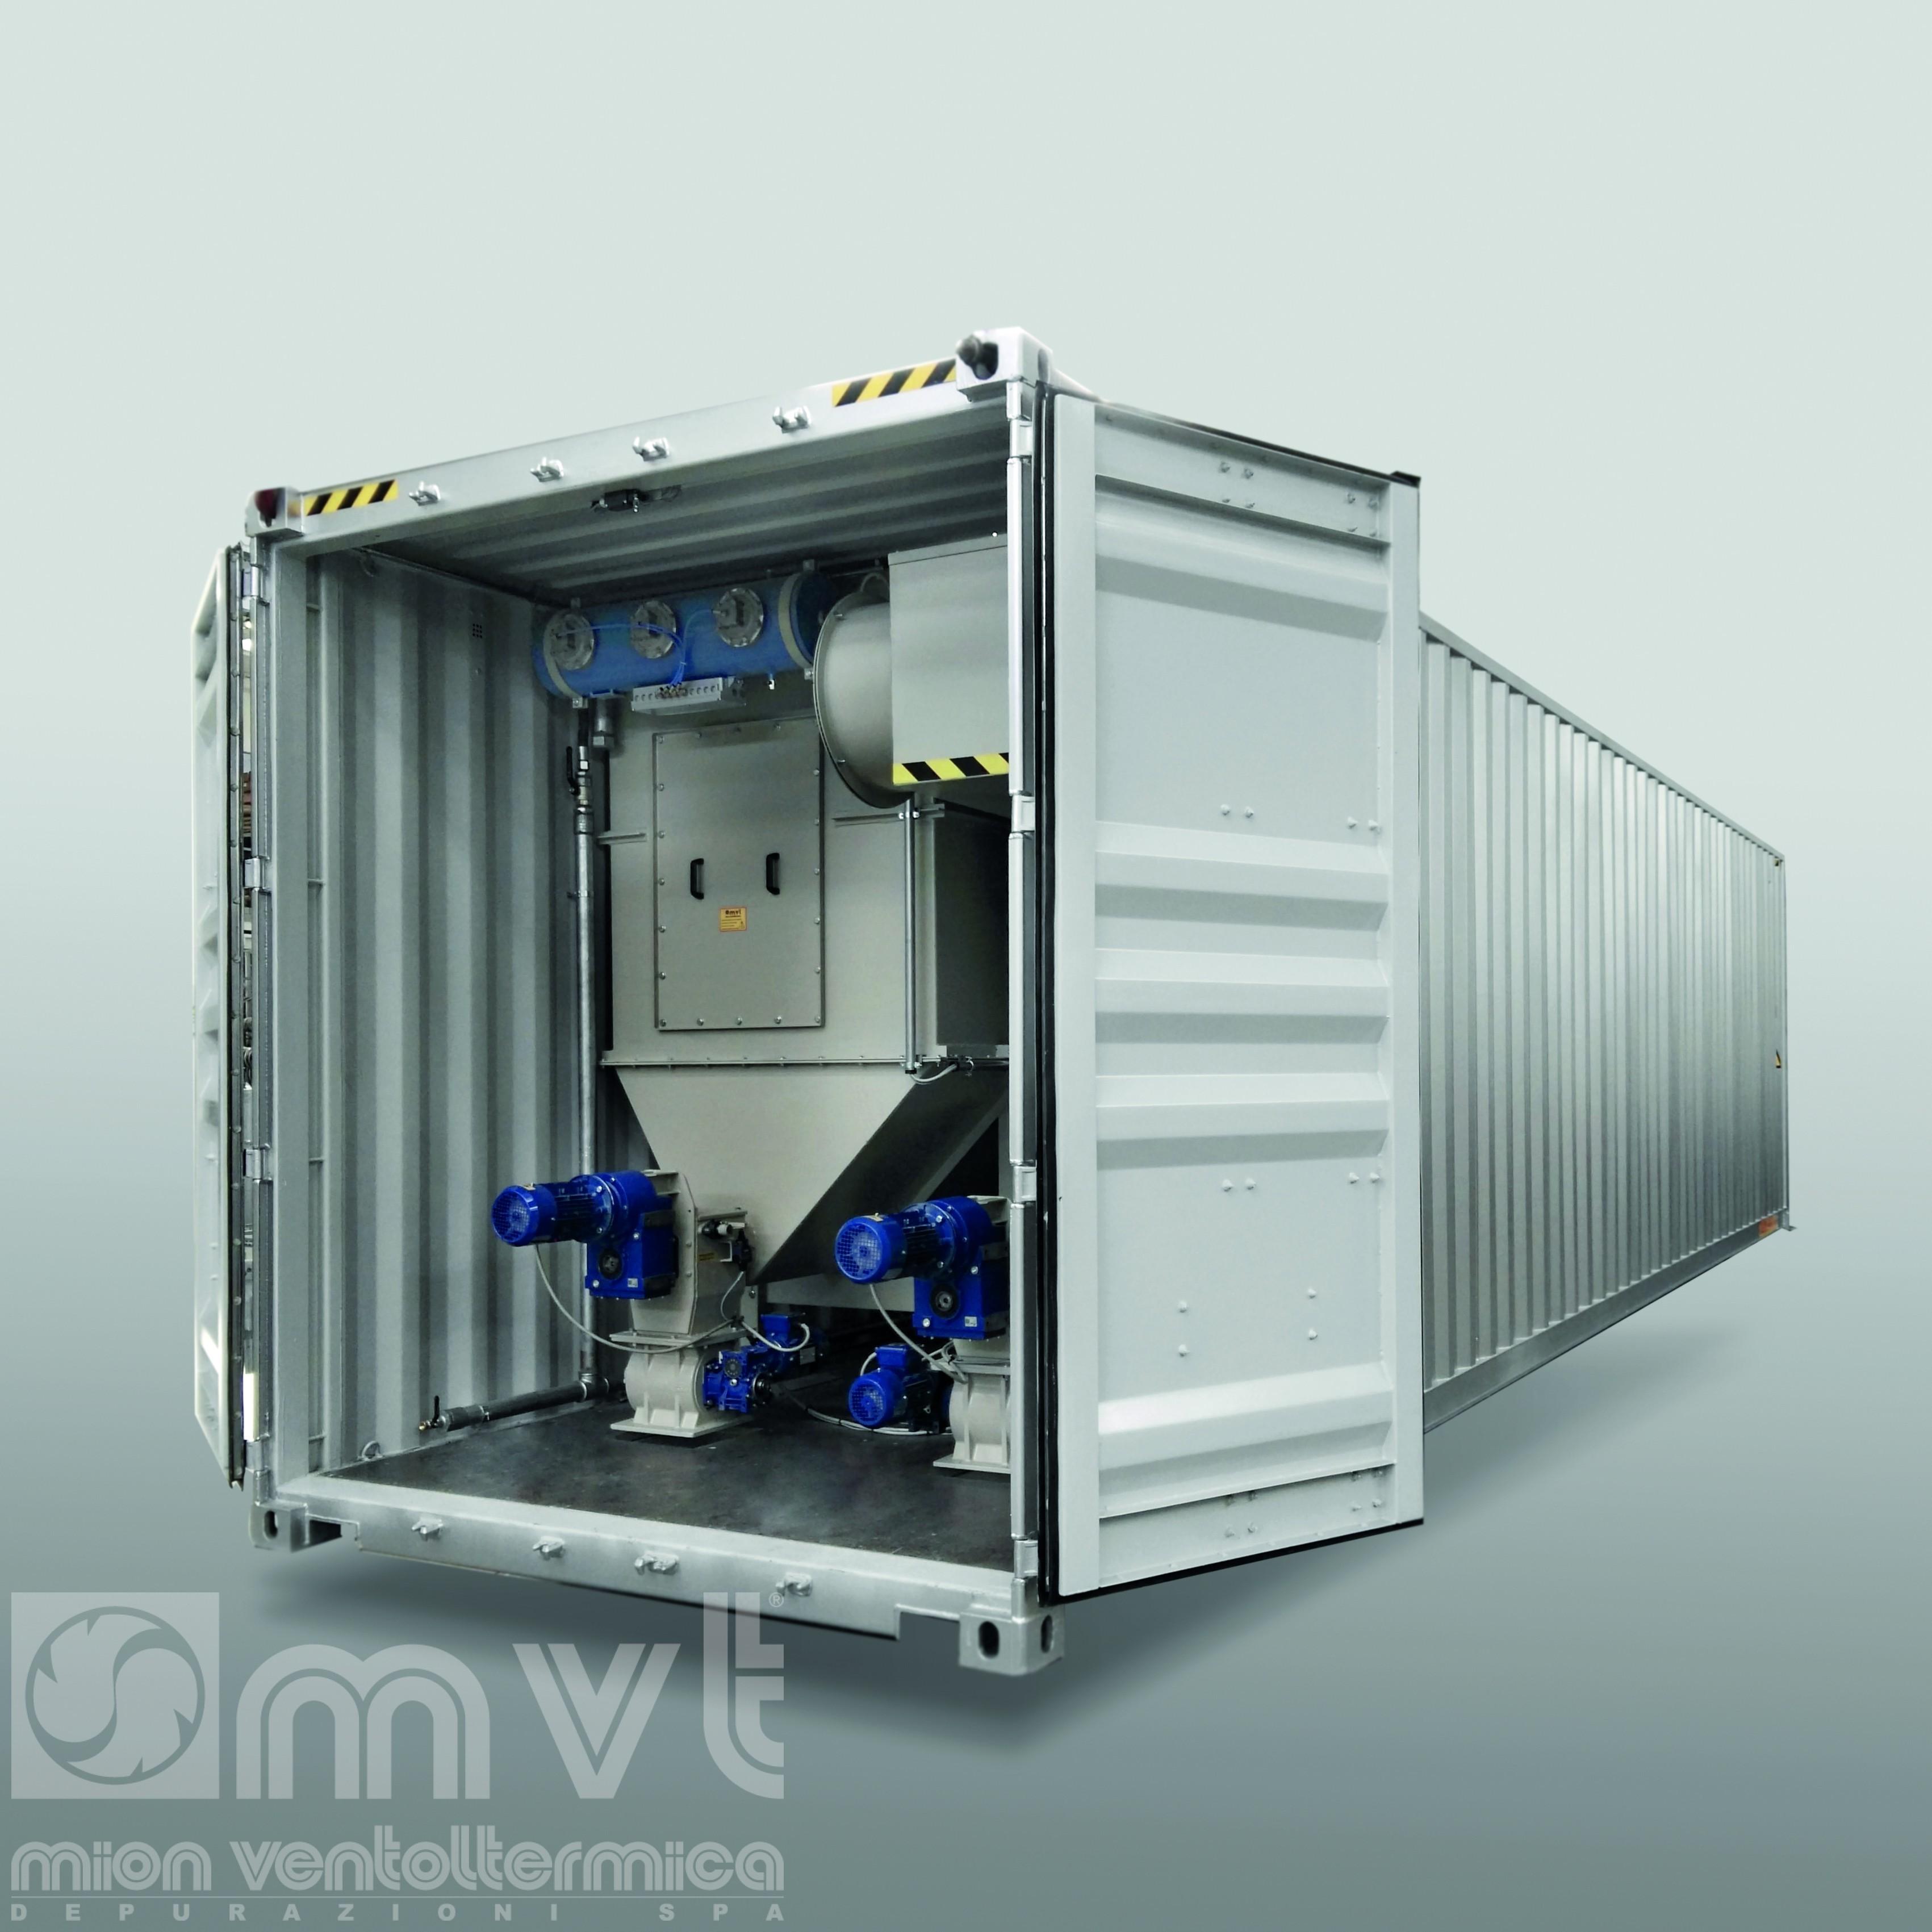 AIR BOX Sistema di aspirazione - Suction system in a container